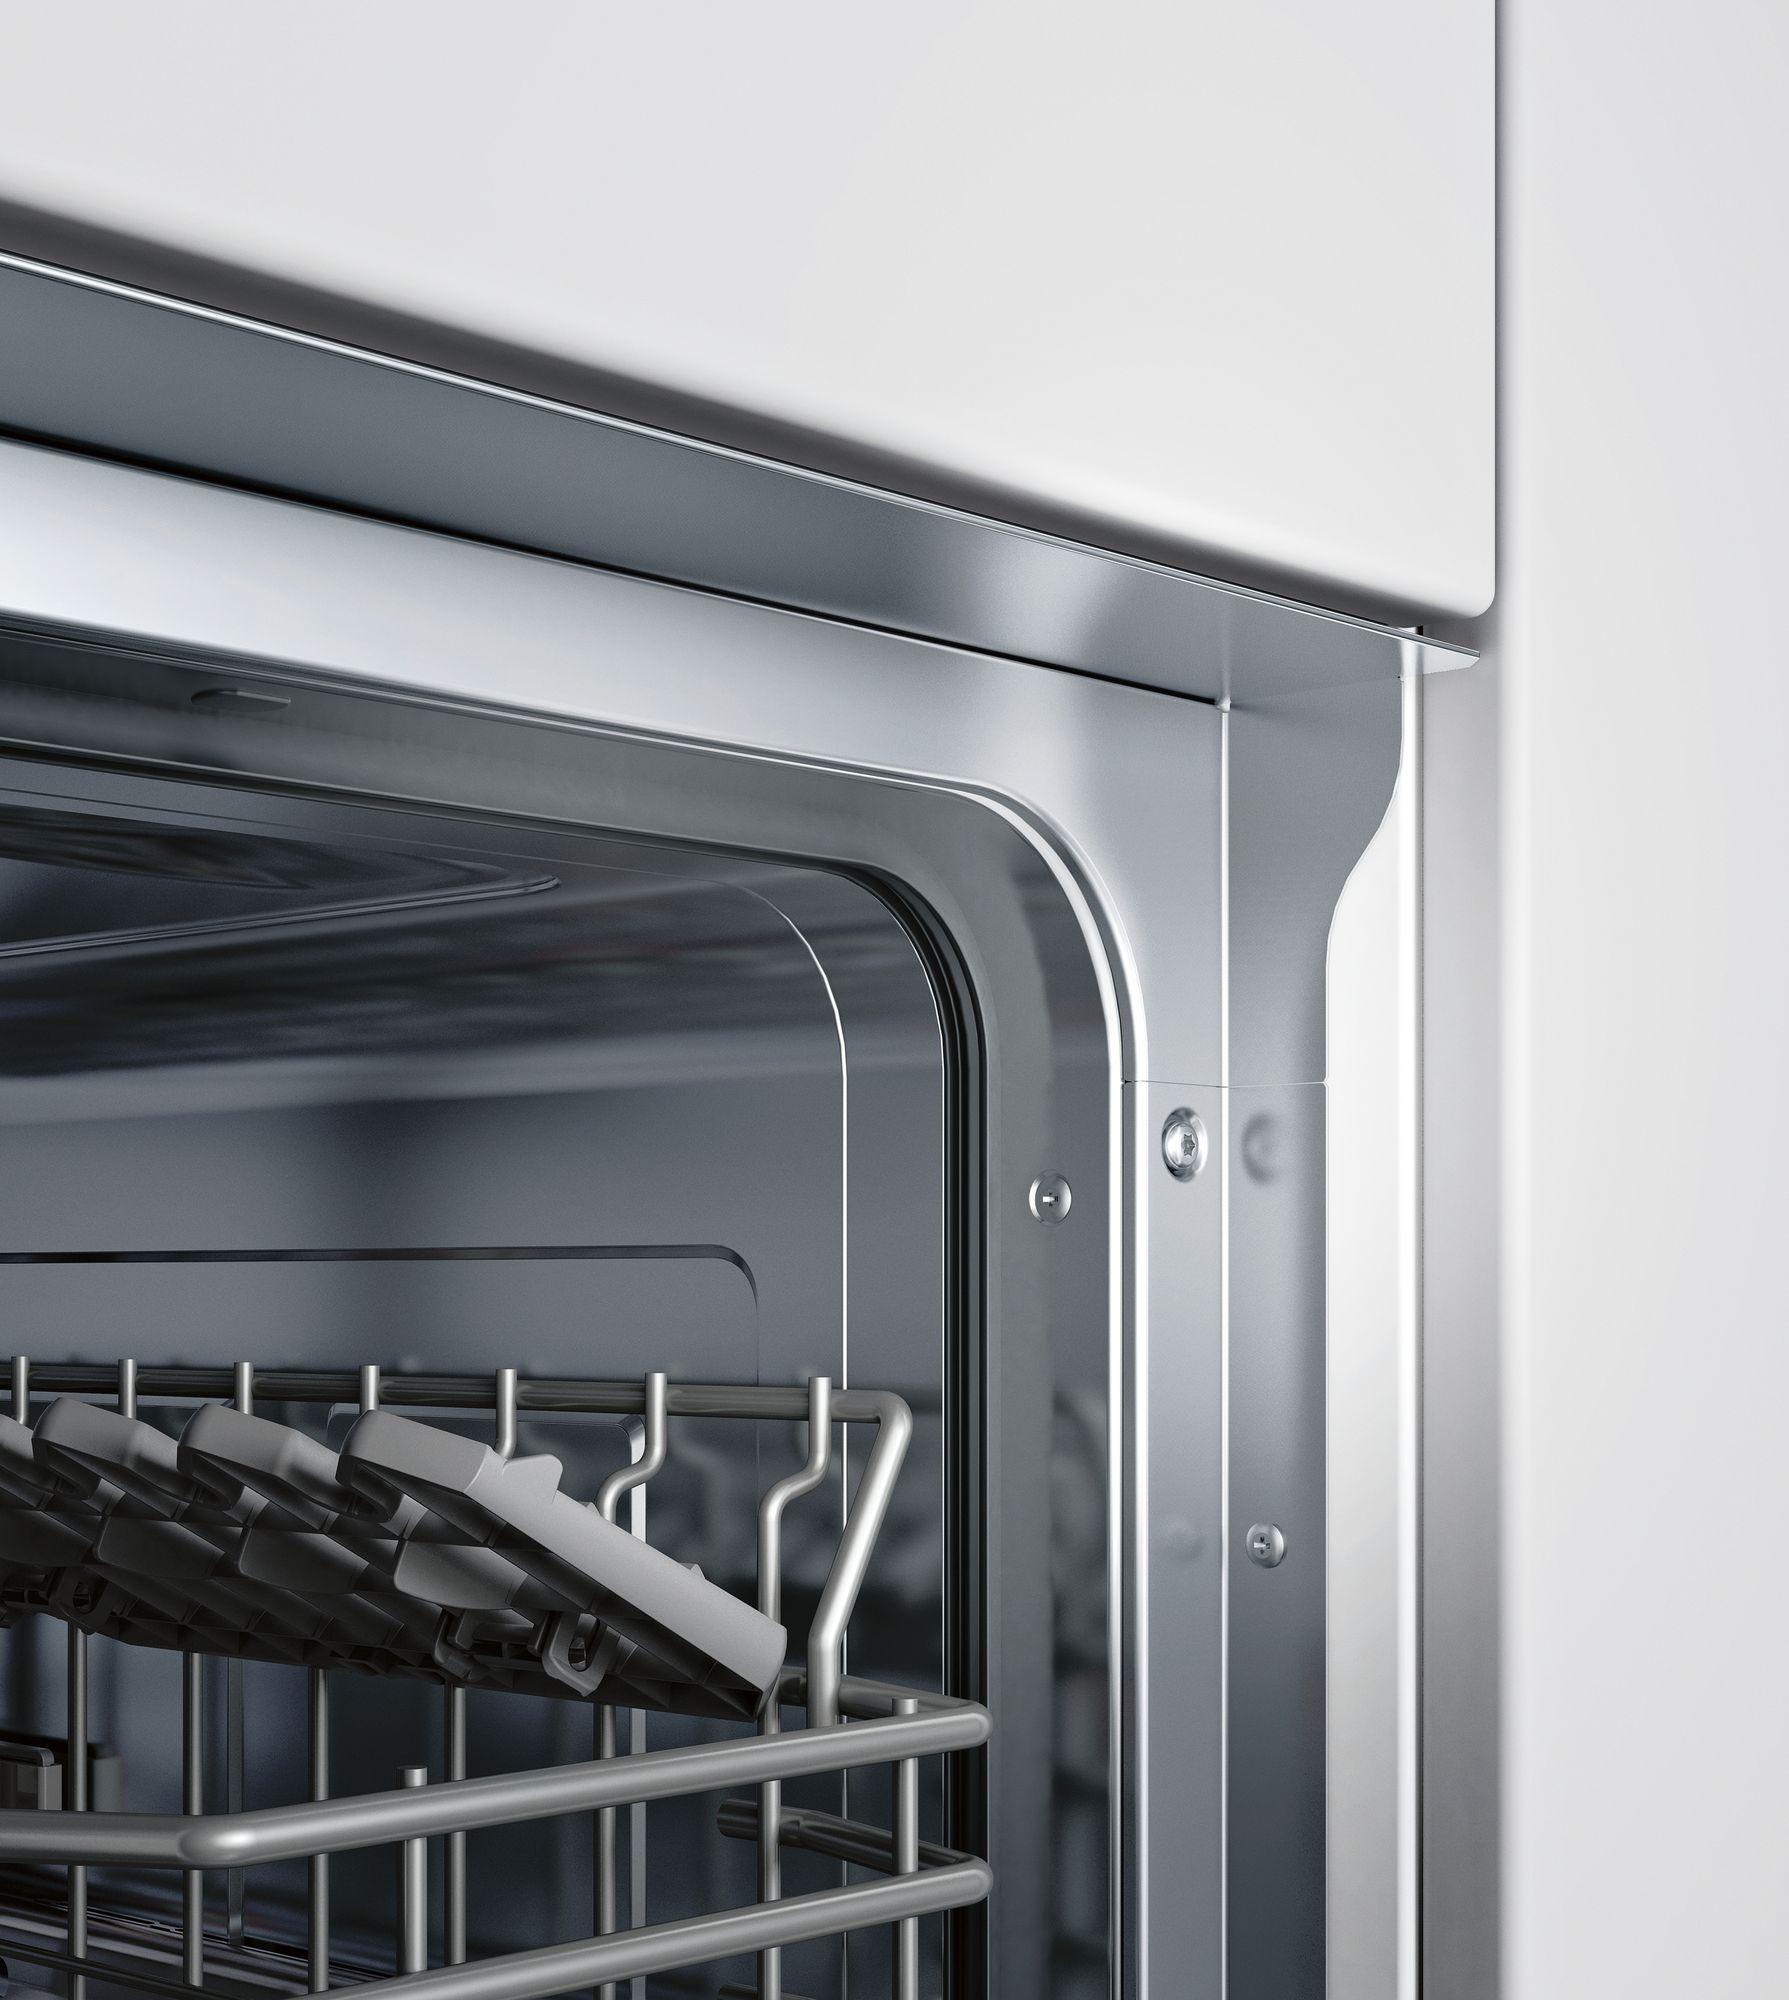 [Zweite Wahl] Bosch SMZ5045 Verblendungsleiste Edelstahl